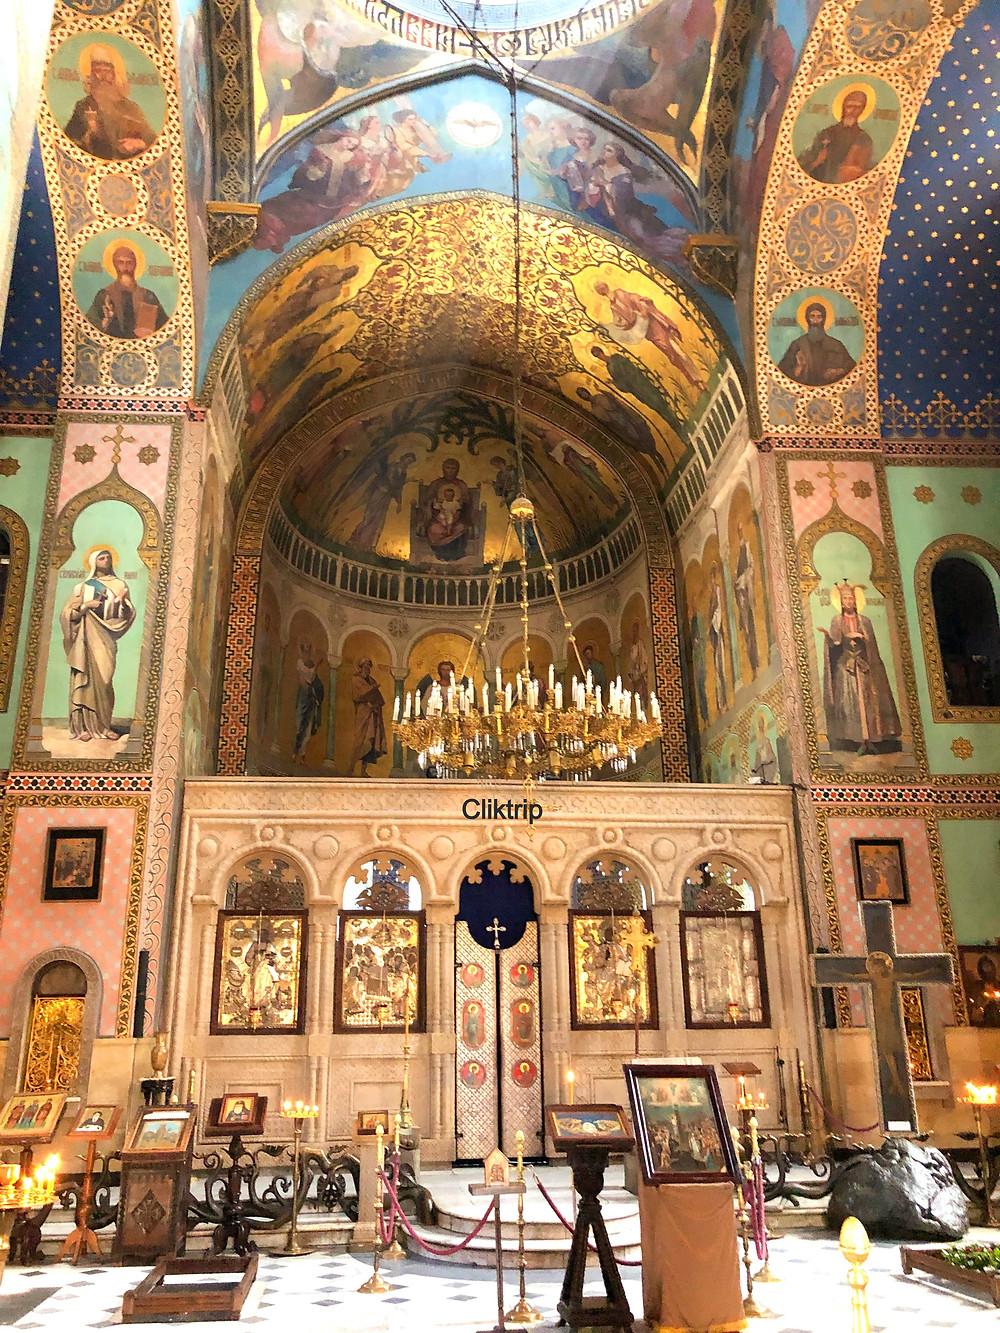 Em Tbilisi , a Catedral Sioni  da Dormição é ortodoxa . Seguindo uma tradição georgiana medieval de nomear igrejas para lugares específicos na Terra Santa , a Catedral de Sioni leva o nome de Monte Sião em Jerusalém.